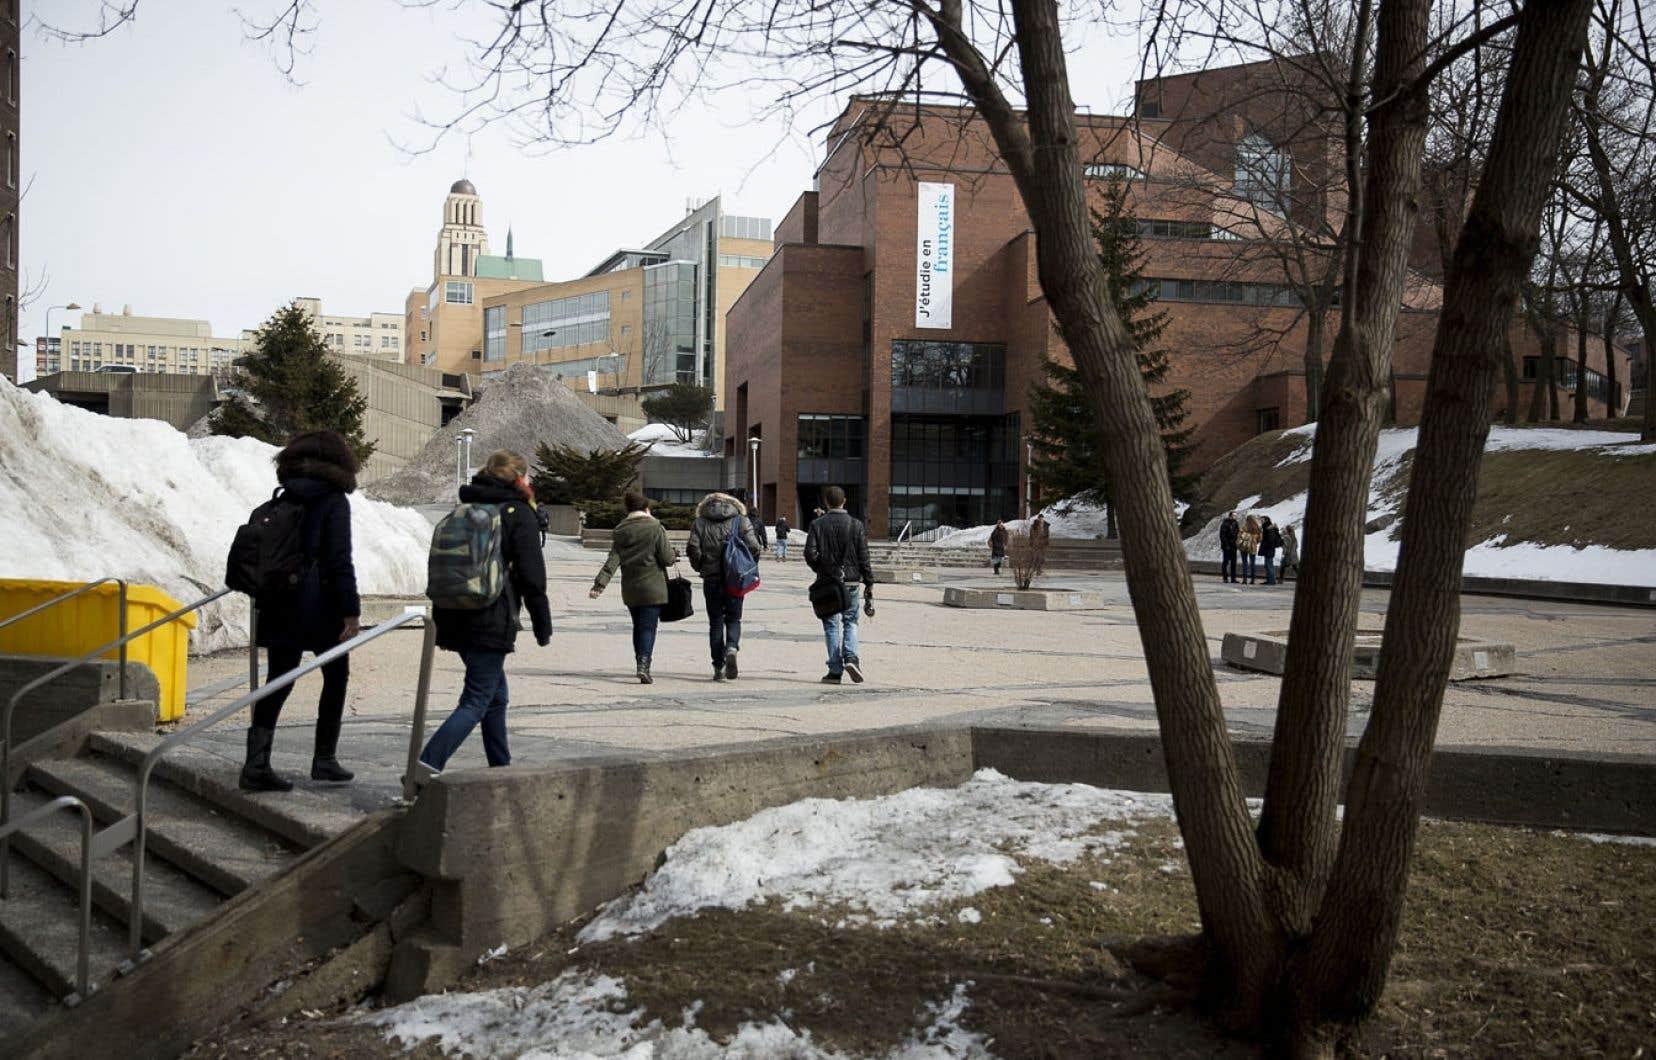 Les cotisations versées par une université ne pourront dorénavant représenter plus de 12% du budget du BCI. Ci-dessus, des étudiants fréquentent le campus de l'Université de Montréal.